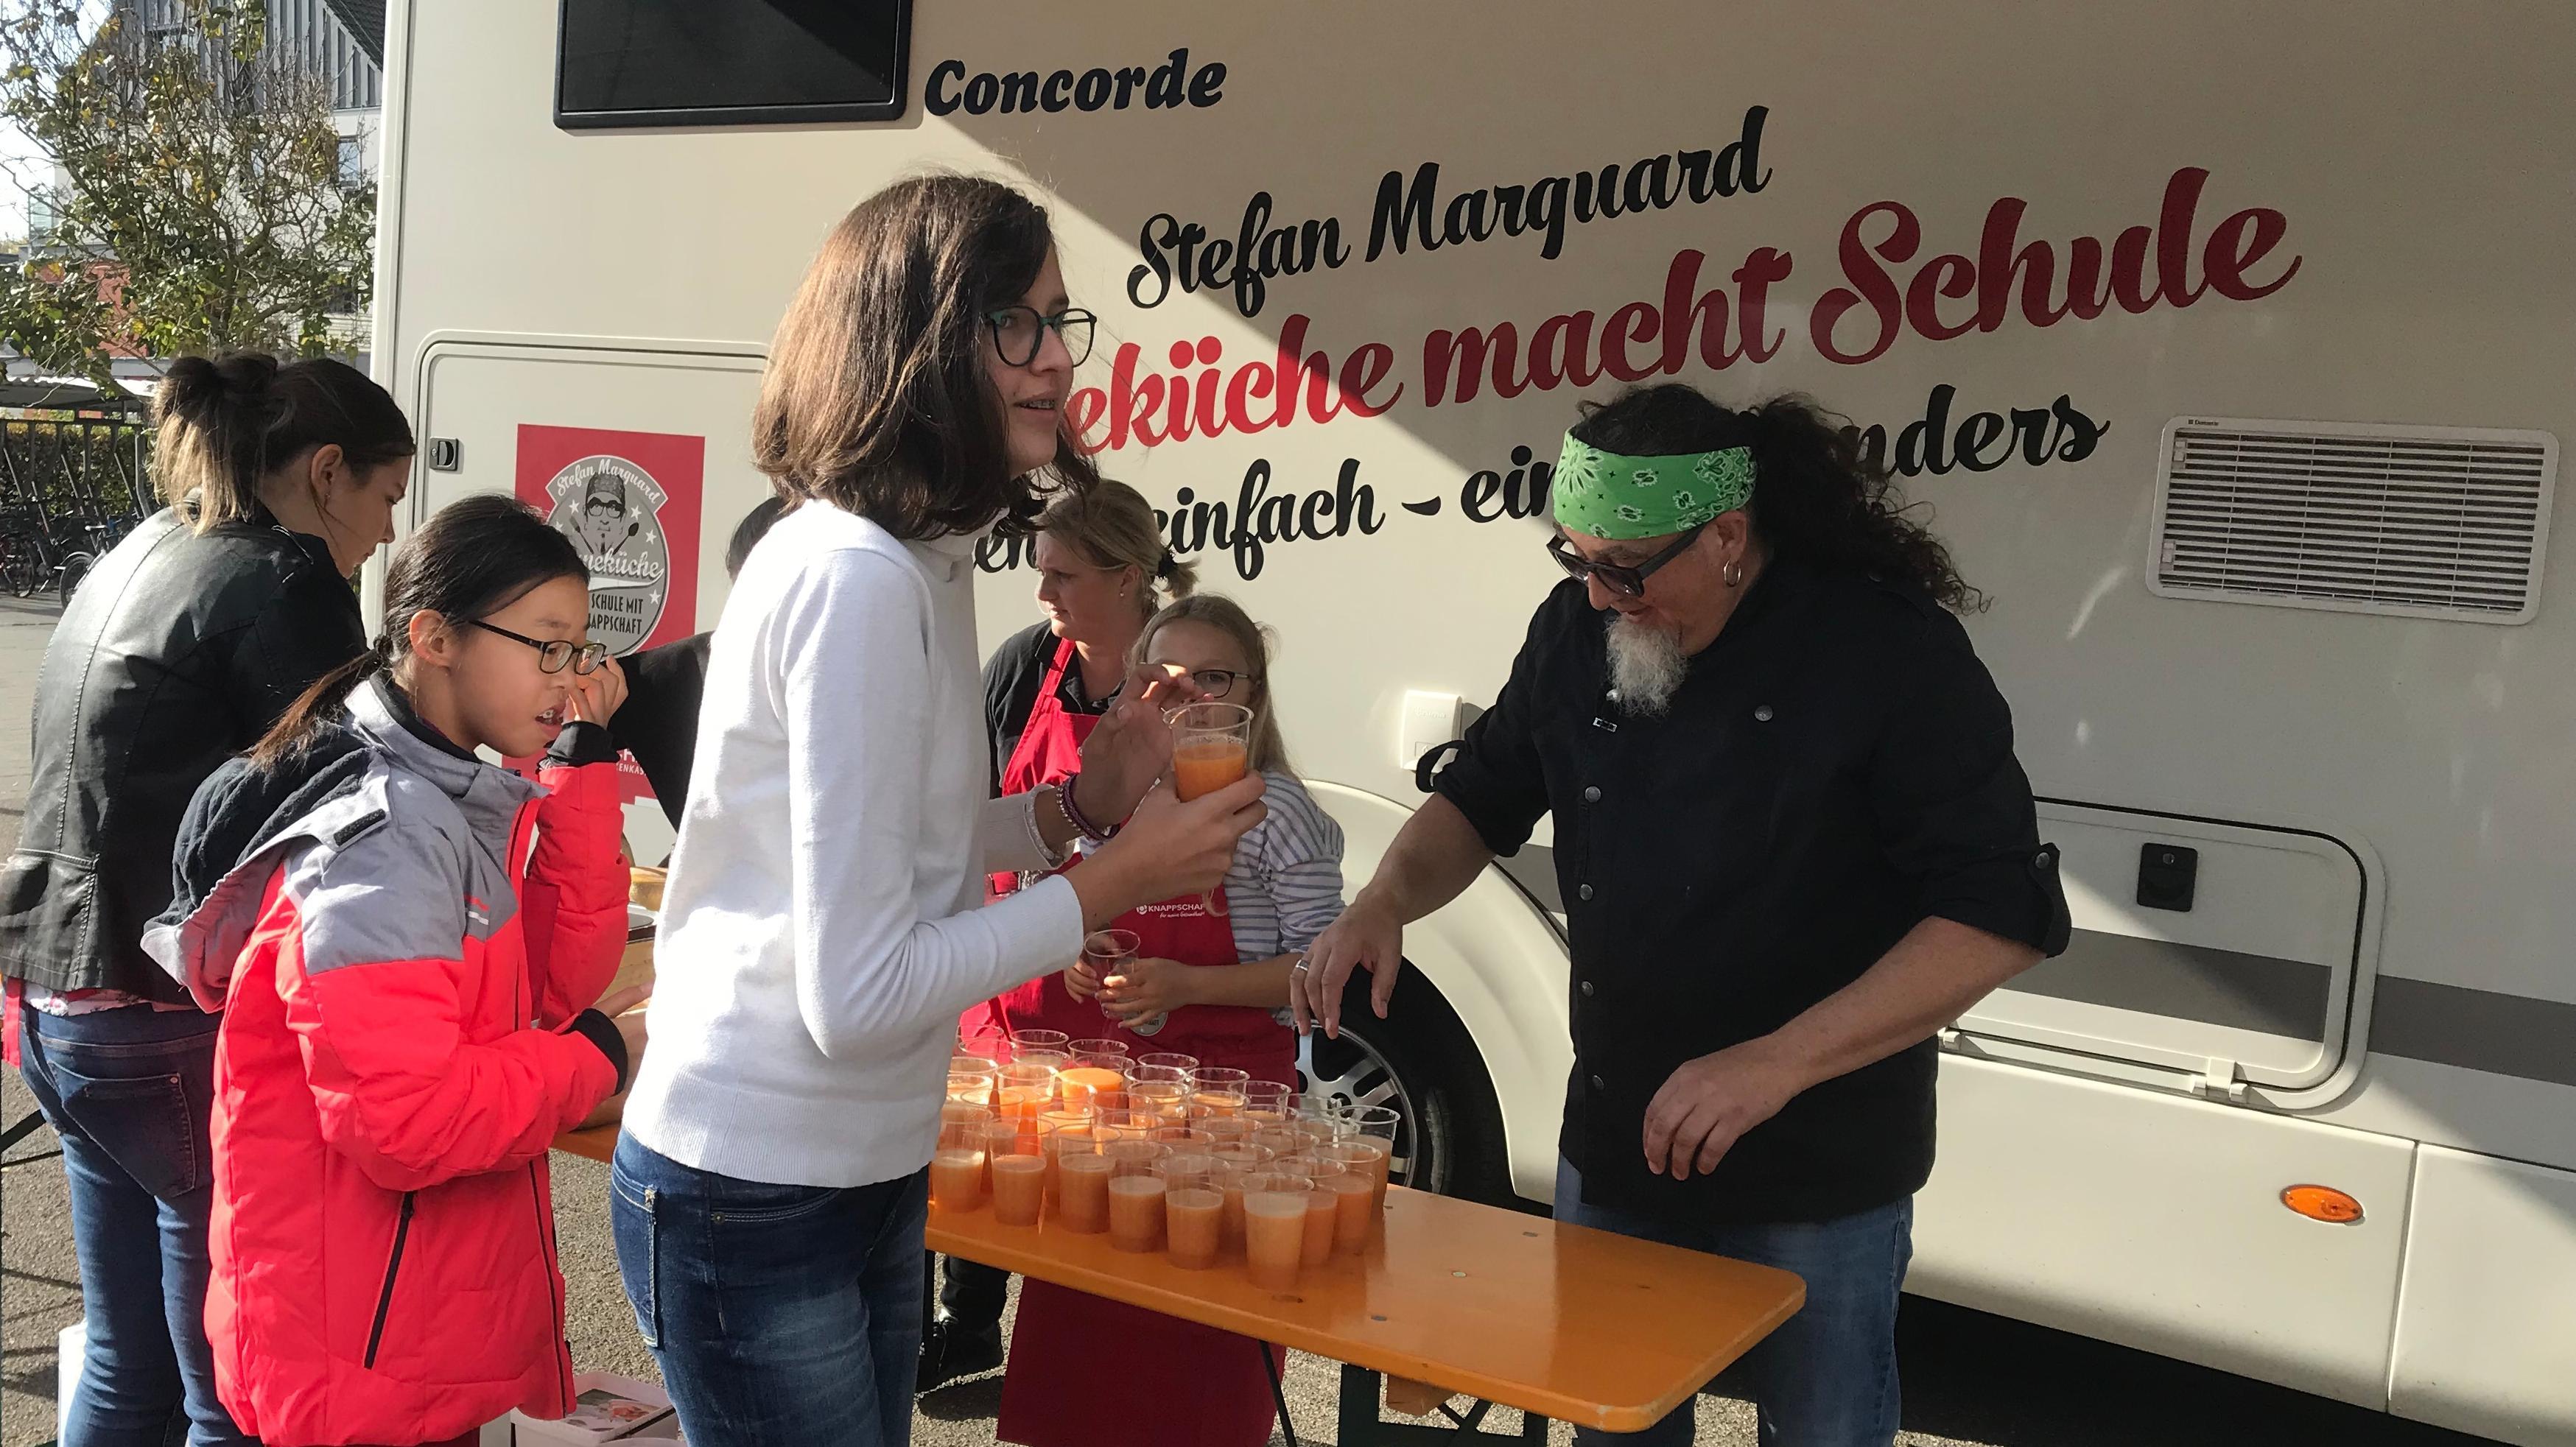 Sternekoch Stefan Marquard steht mit einen grünen Stirnband im Haar hinter einem Biertisch und schenkt Smoothies an Schüler aus.